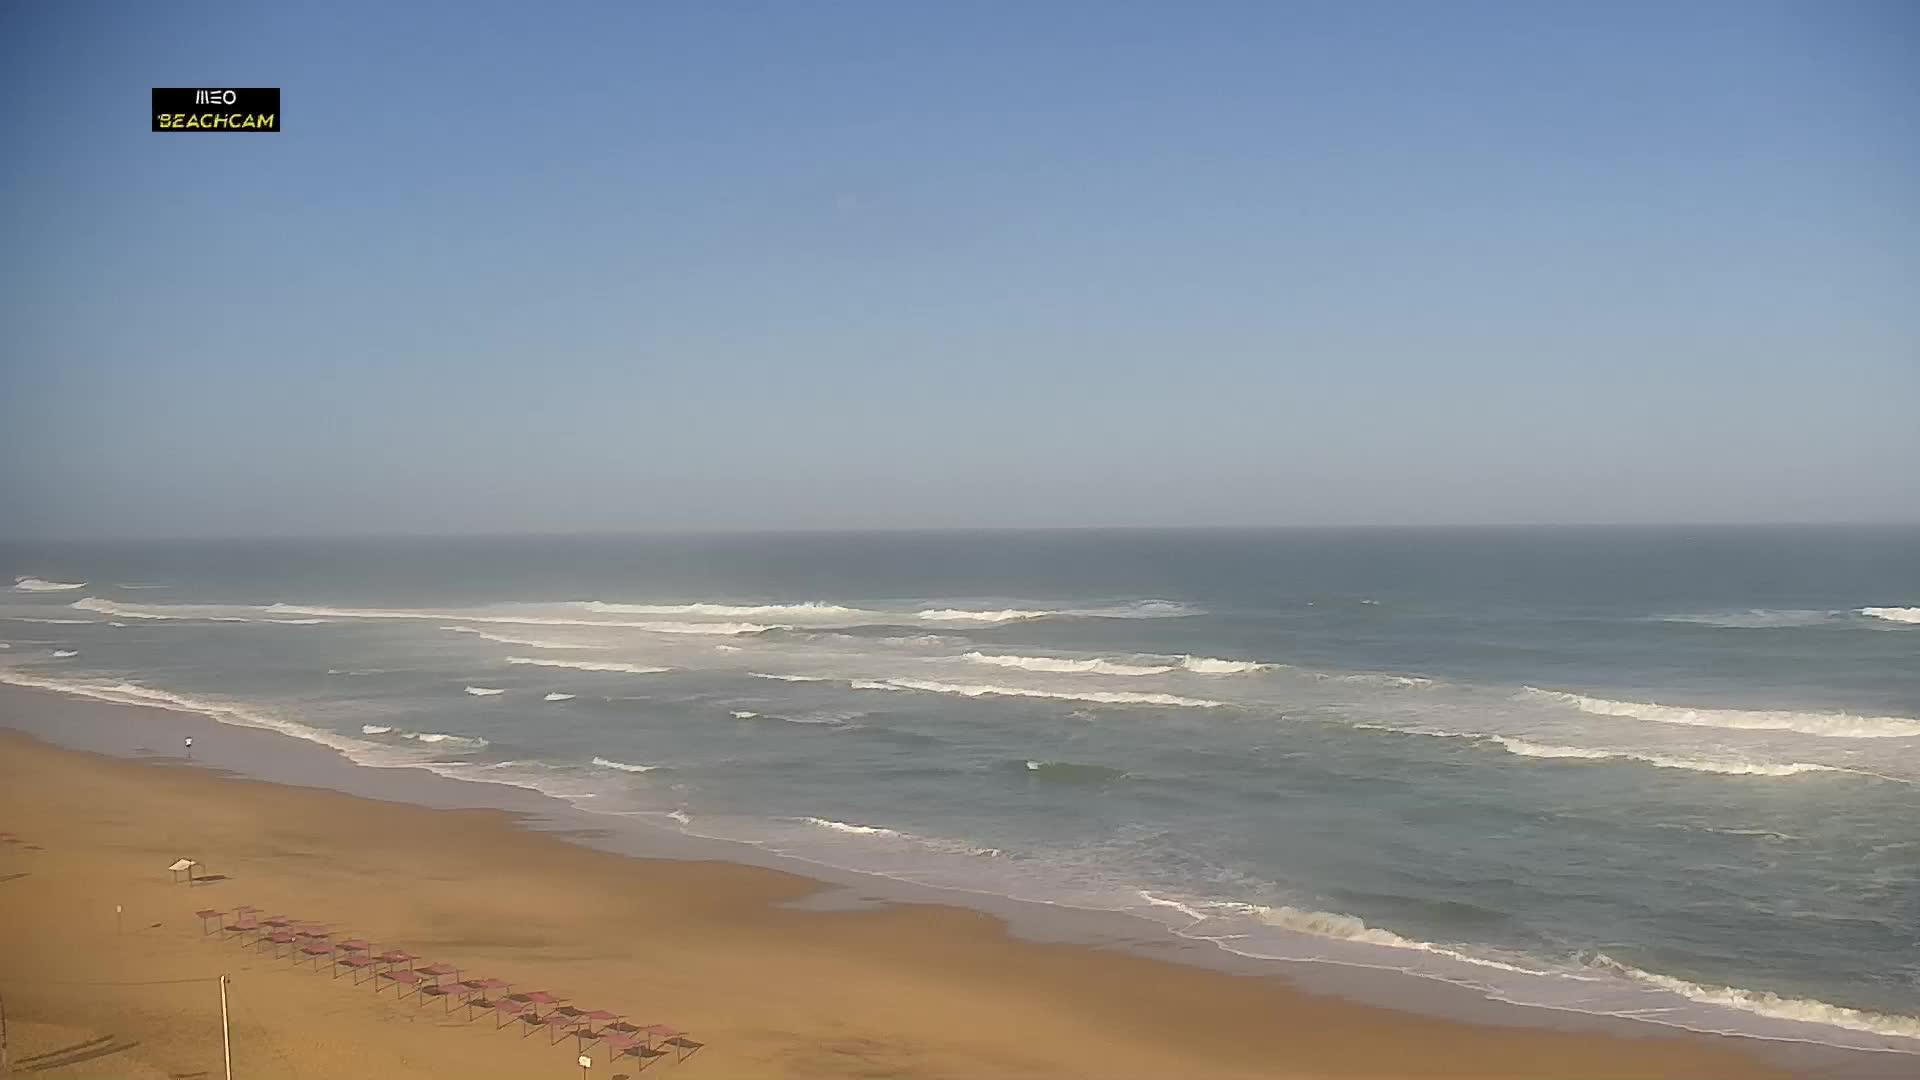 Praia Grande Di. 08:53